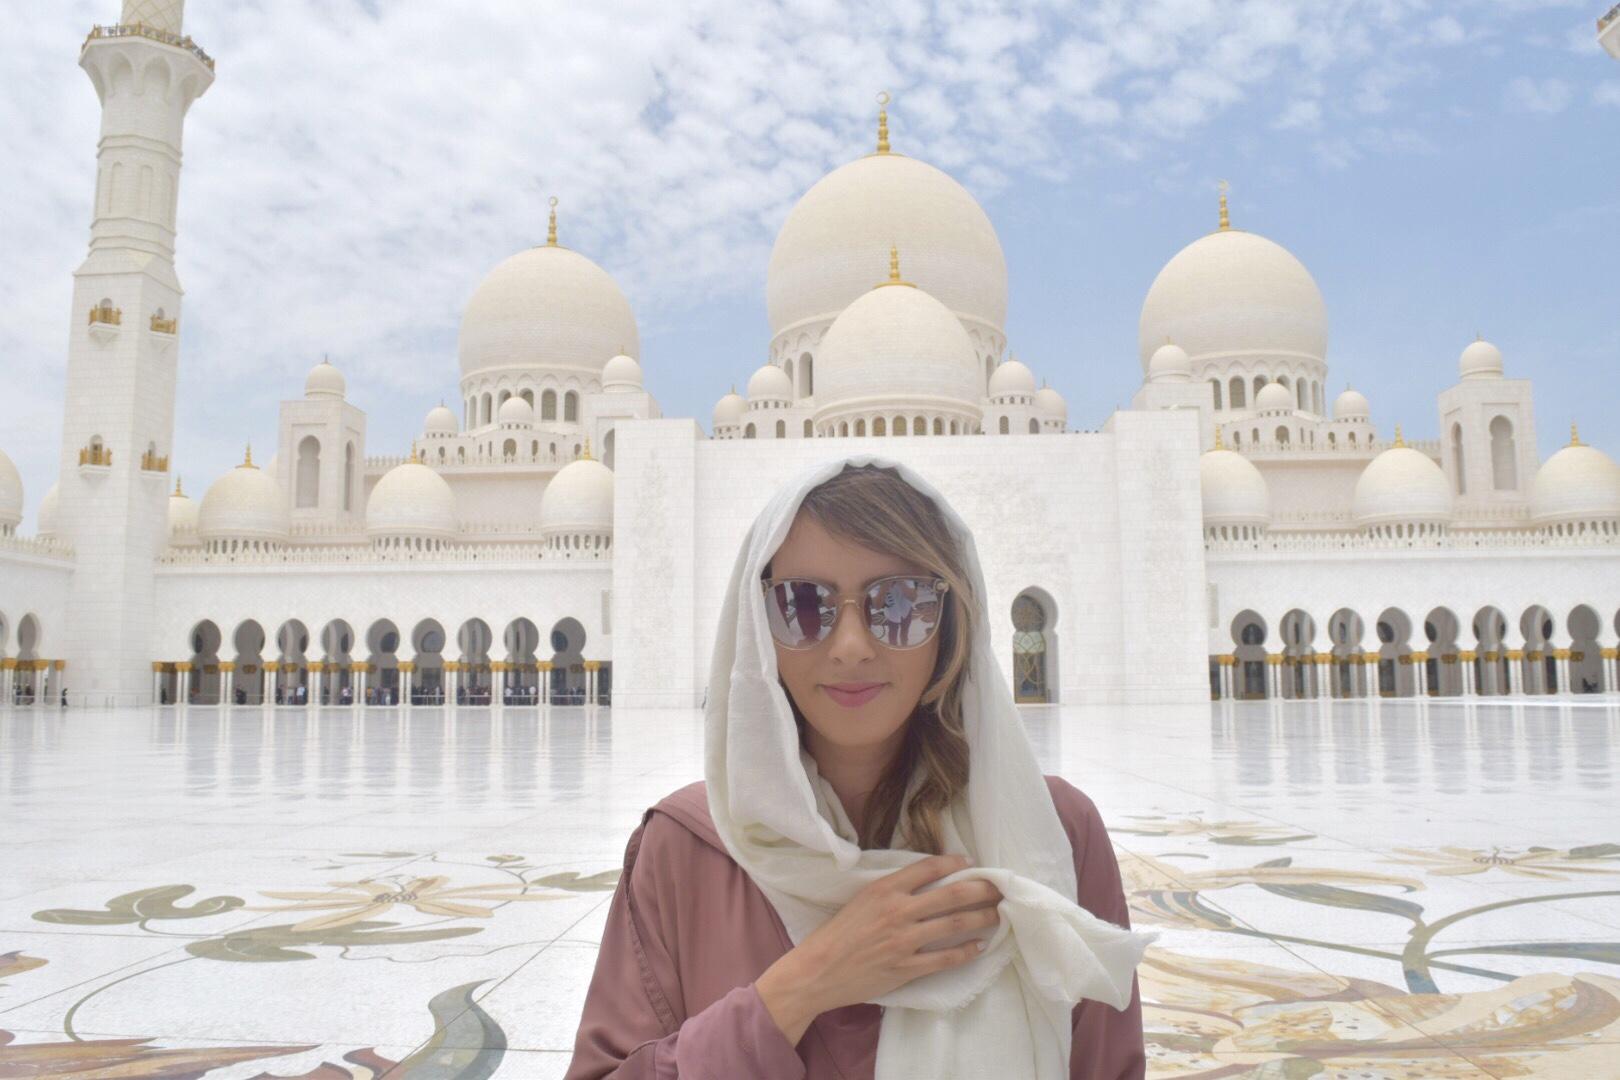 دليل أفضل الأماكن السياحية في دبي